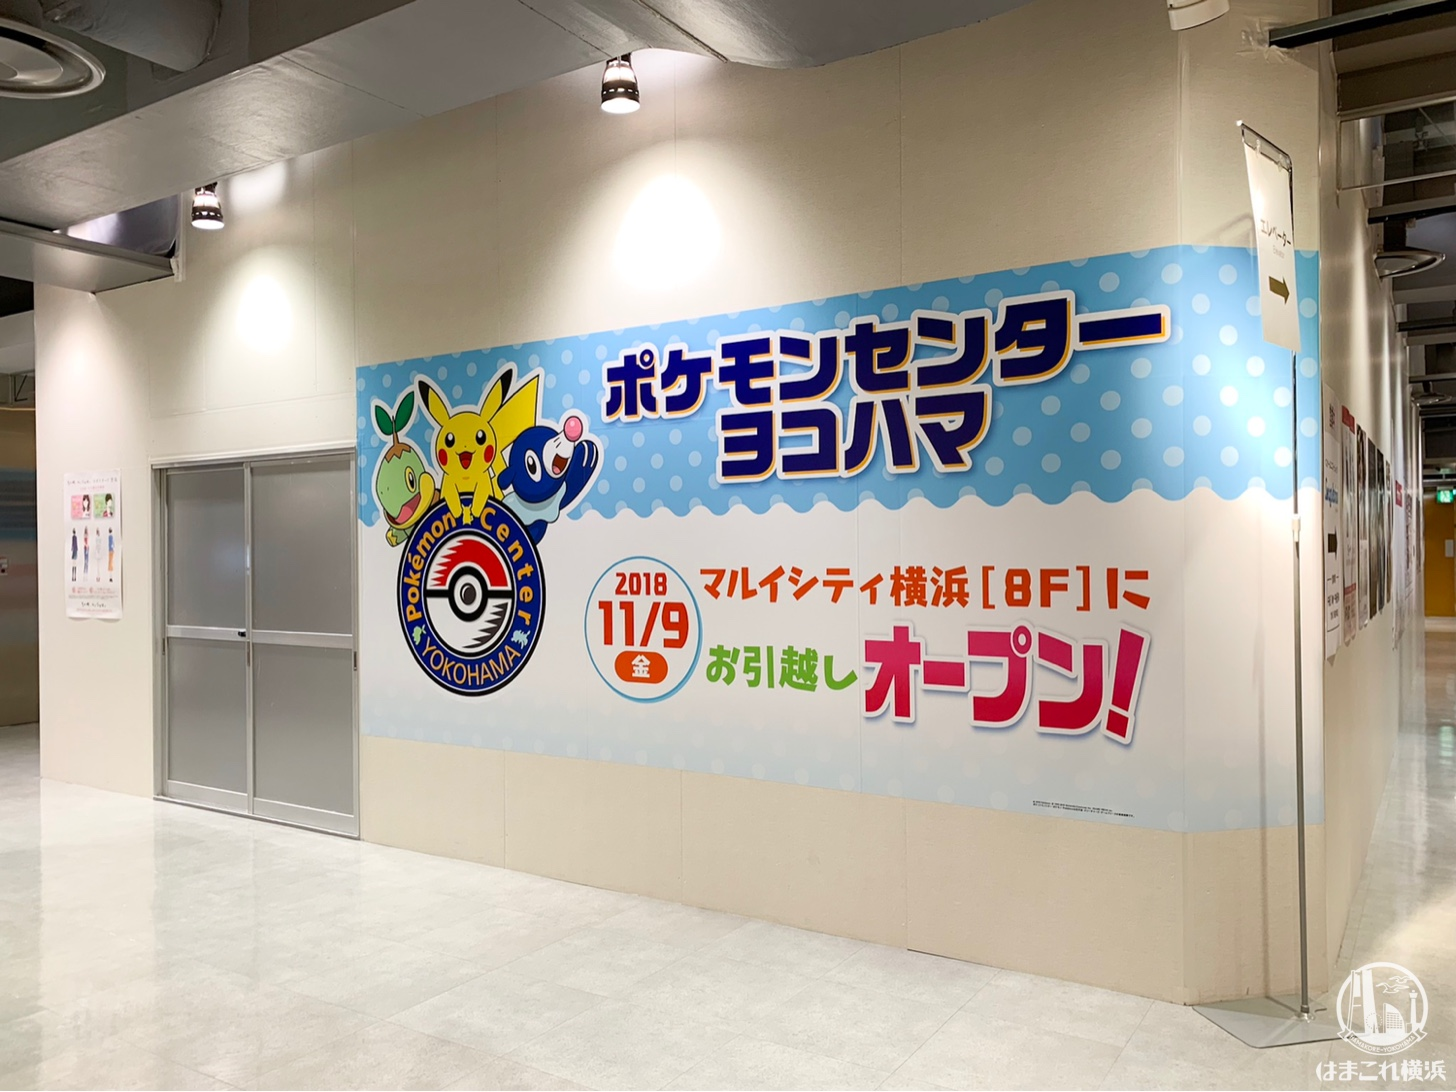 ポケモンセンター ヨコハマ、移転先はマルイシティ横浜の「コロンビア」跡地